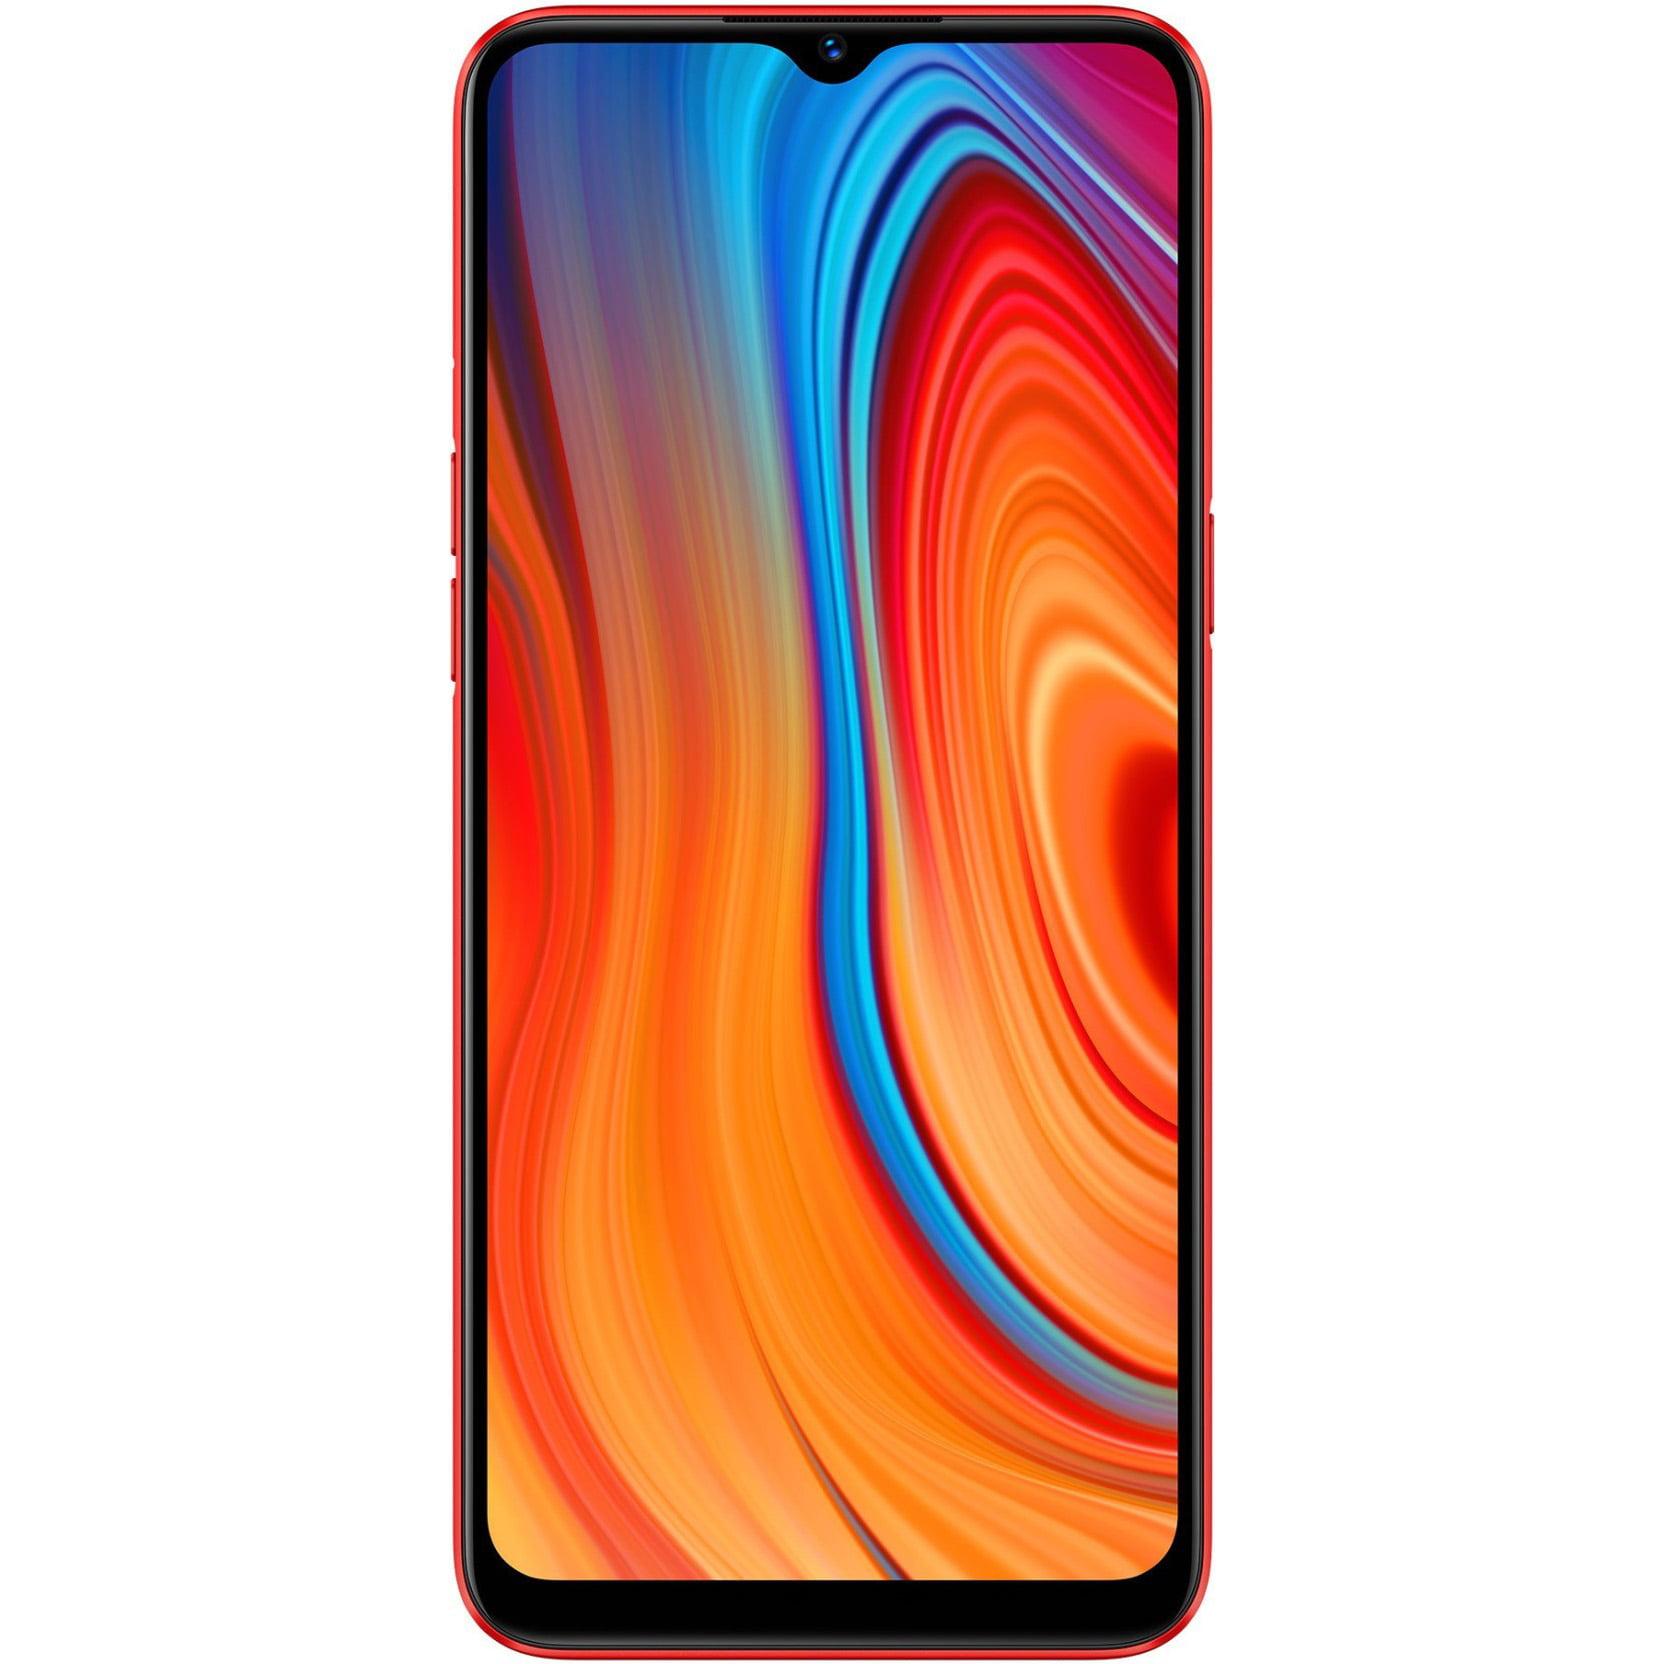 Telefon mobil Realme C3, Dual SIM, 64GB, 3GB RAM, 4G, Blazing Red